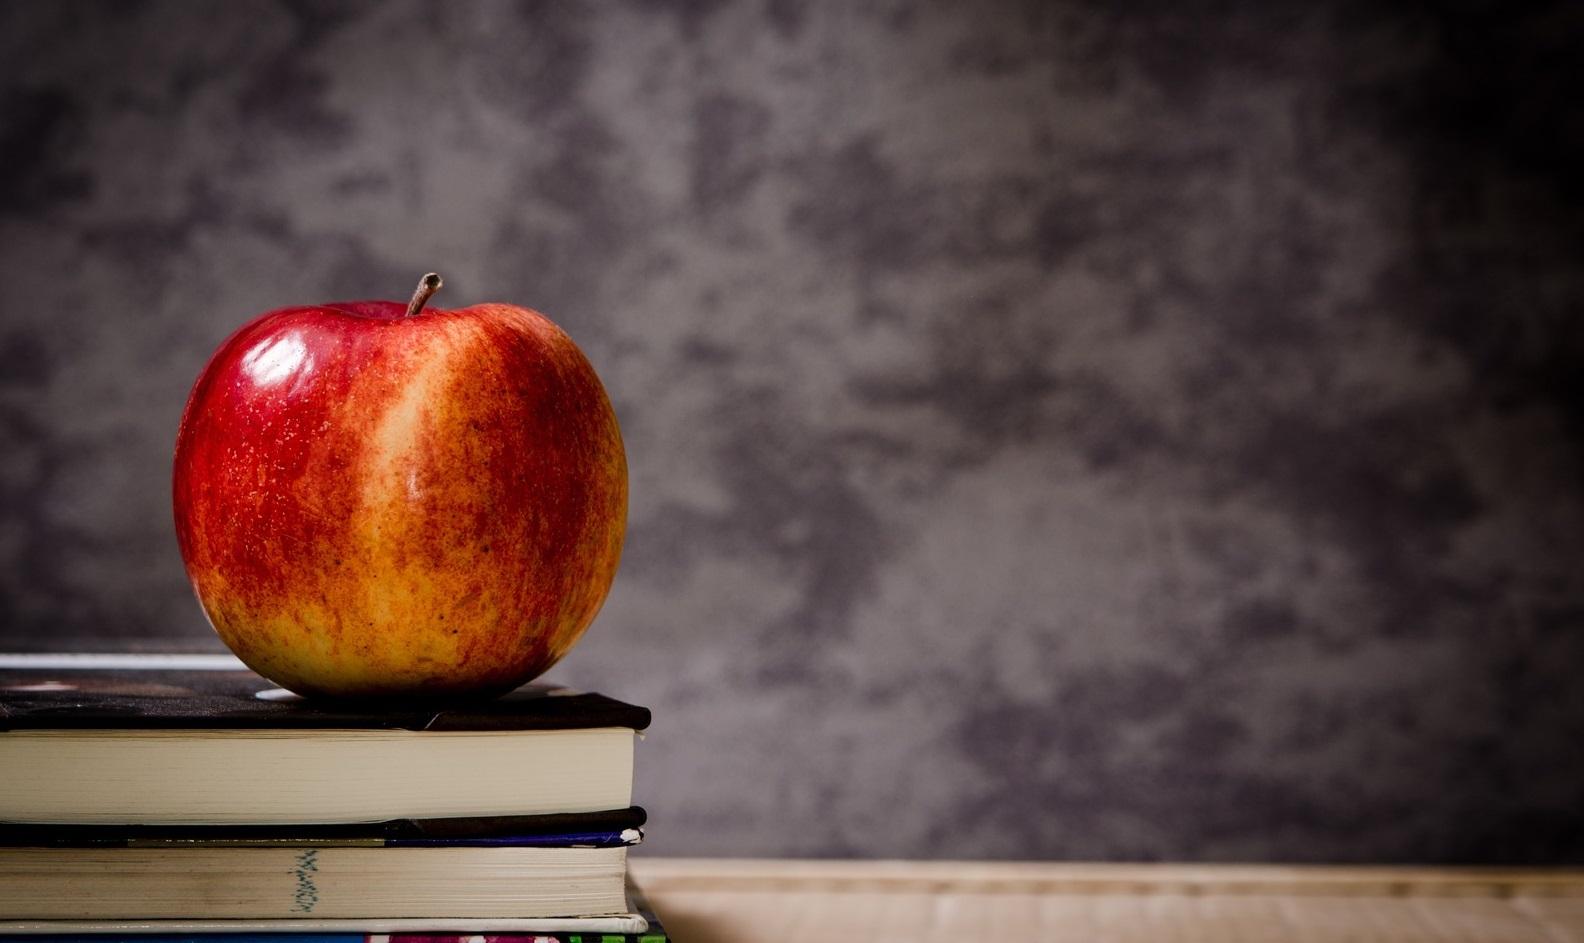 apple-book-plant-fruit-morning-flower-1109951-pxhere.com (4)